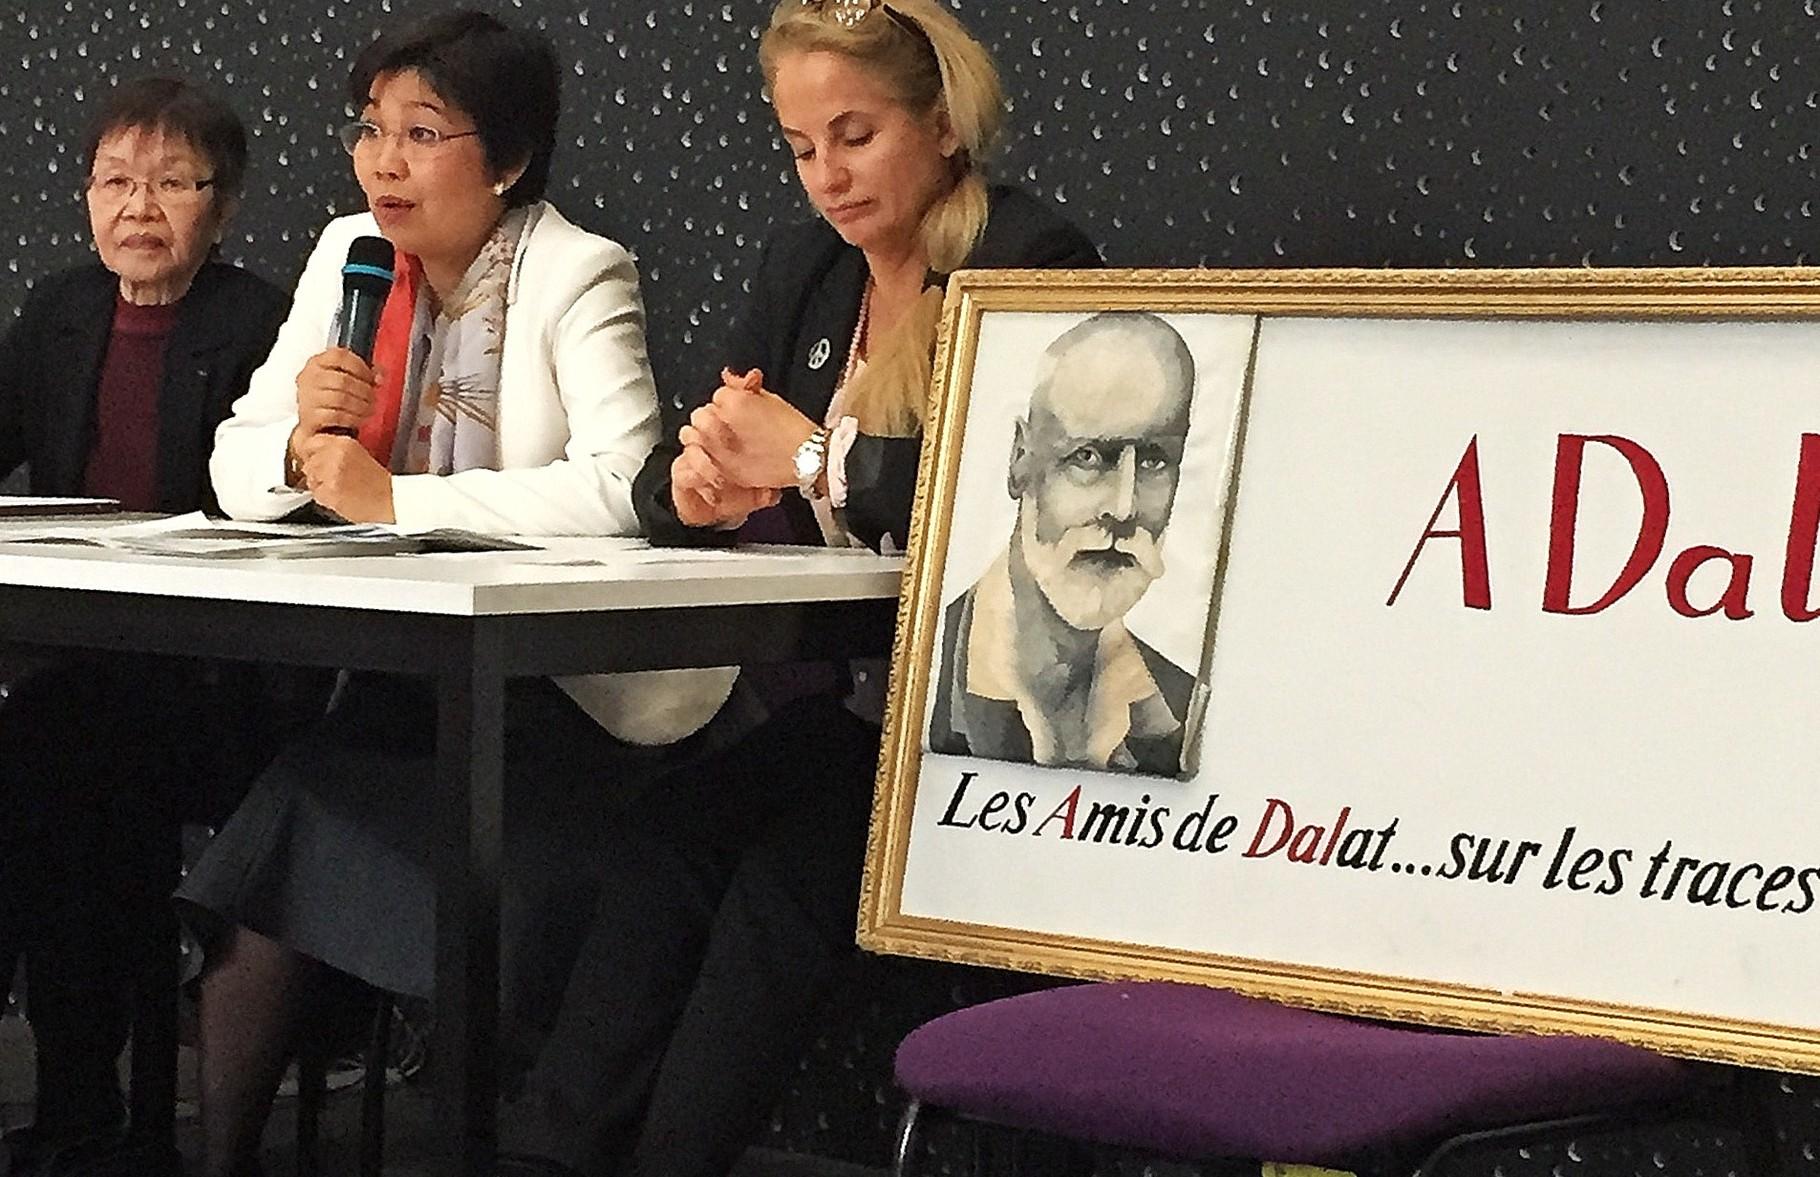 Mesdames Thât Peel fondatrice de l'ACFV à gauche, Seng Bisiou pour Montpellier Business School et Clare Hart Presidente de Face Herault pour la CCI de Montpellier à droite